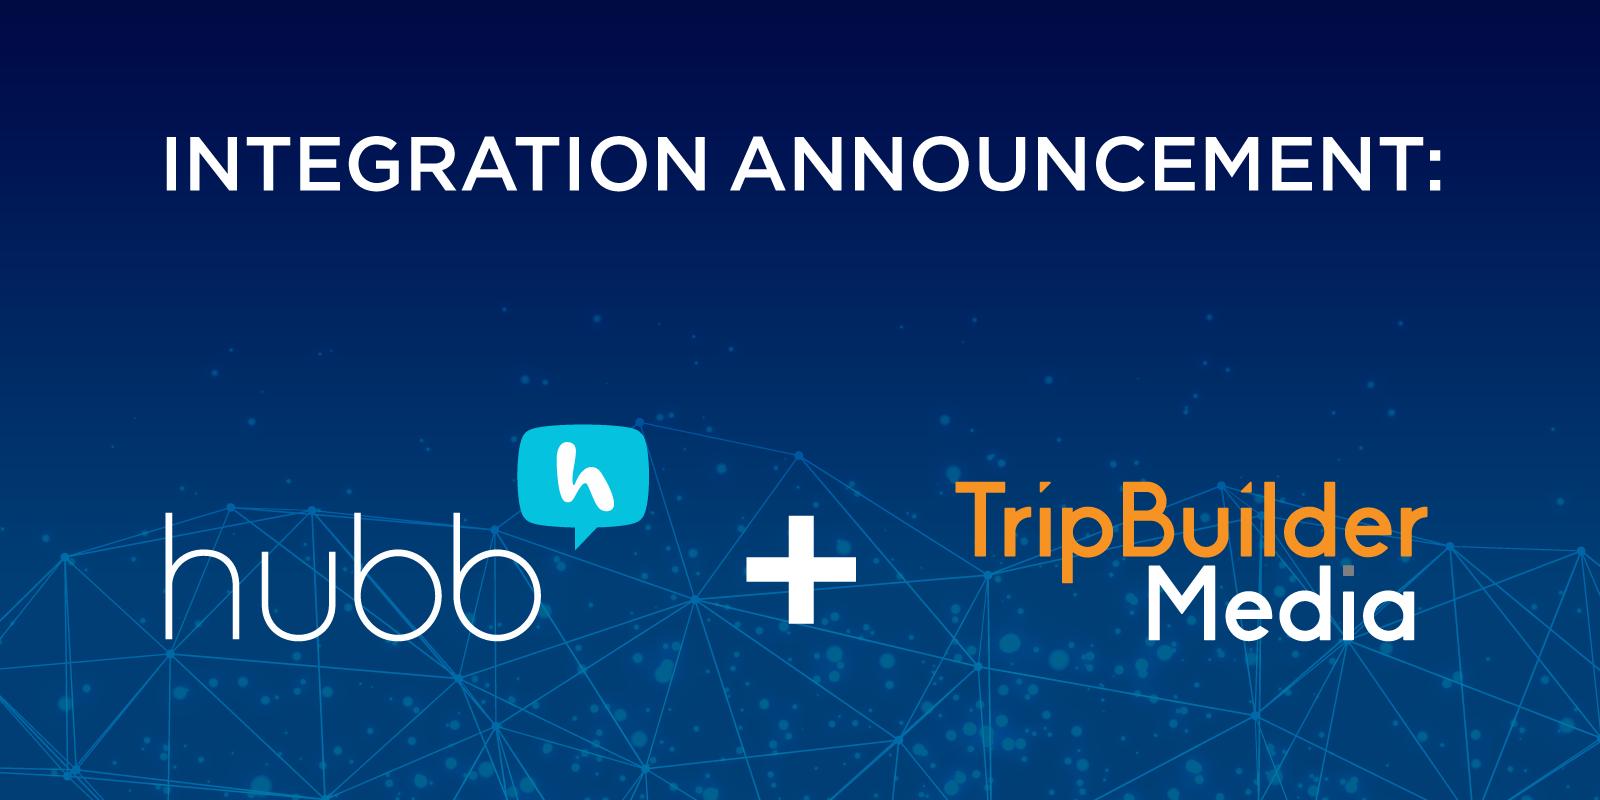 Integration-Announcement-Hubb+TripBuilder-Social